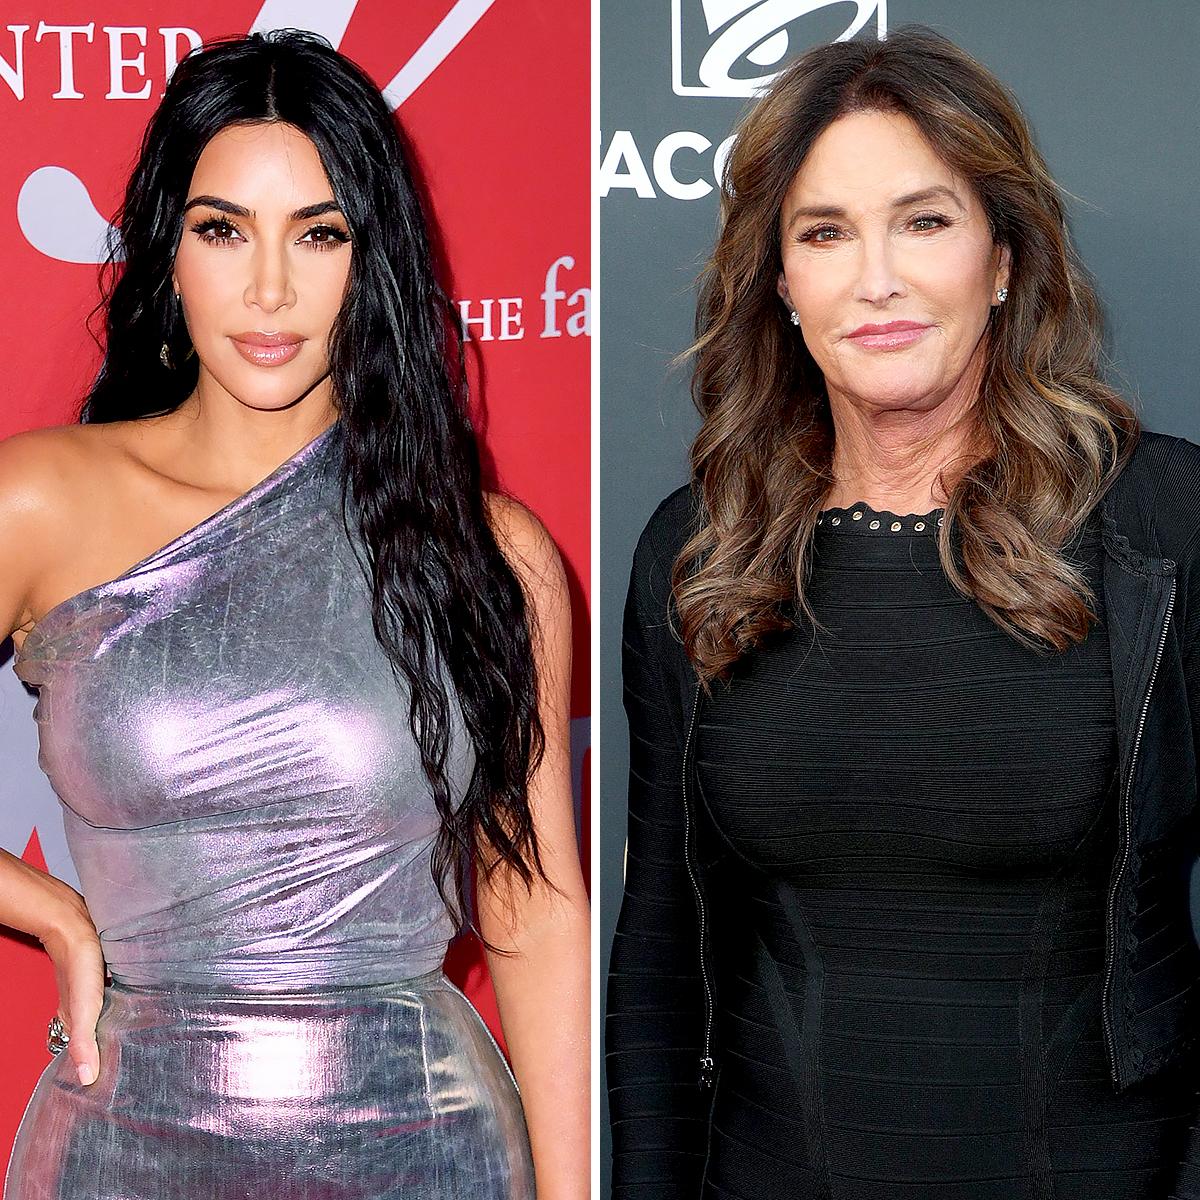 Kim-Kardashian-wishes-Caitlyn-Jenner-Happy-Birthday-2